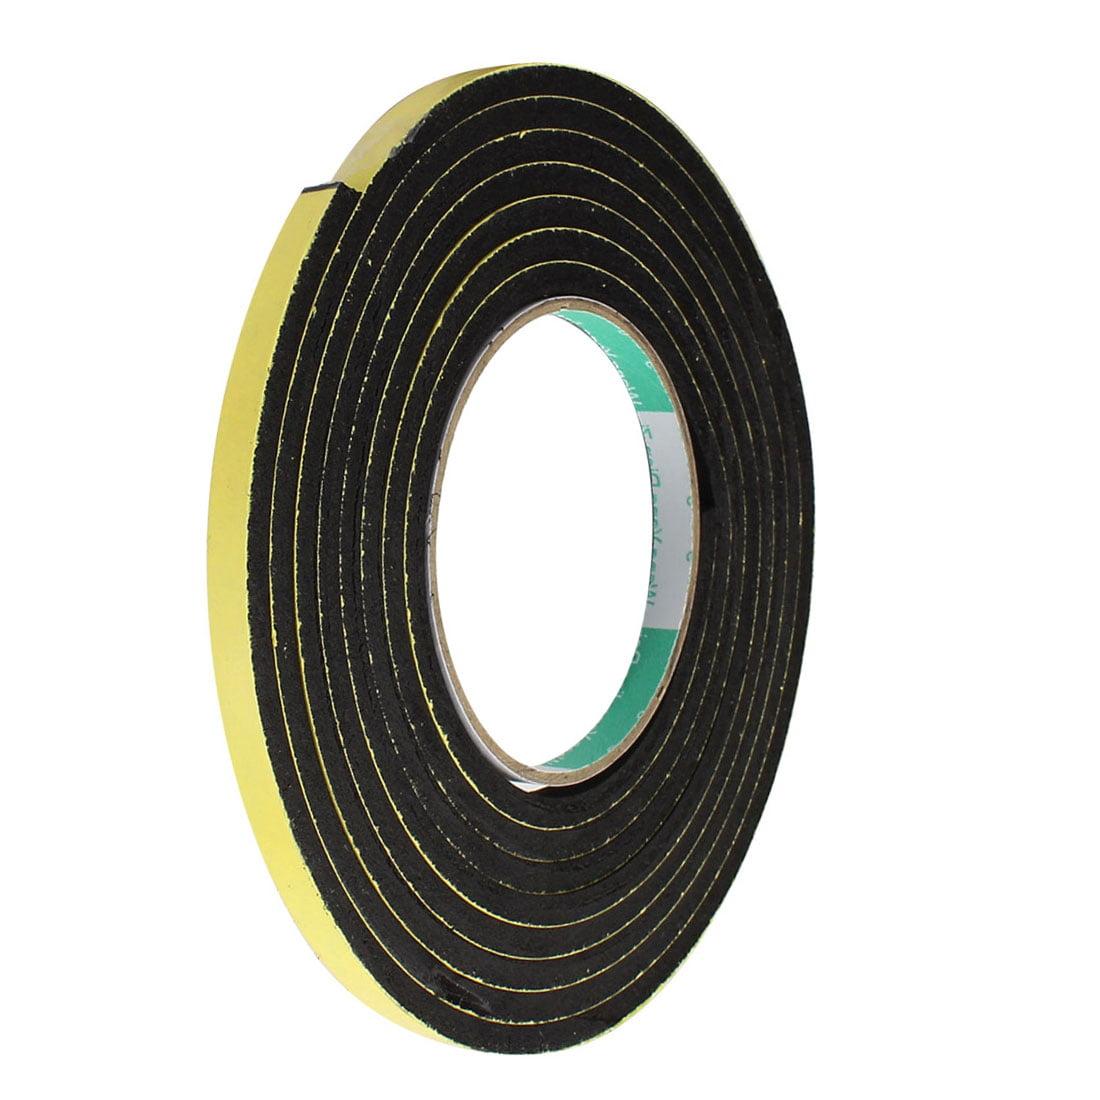 3Meter 8mm x 5mm Single-side Adhesive Shockproof Sponge Foam Tape Yellow Black